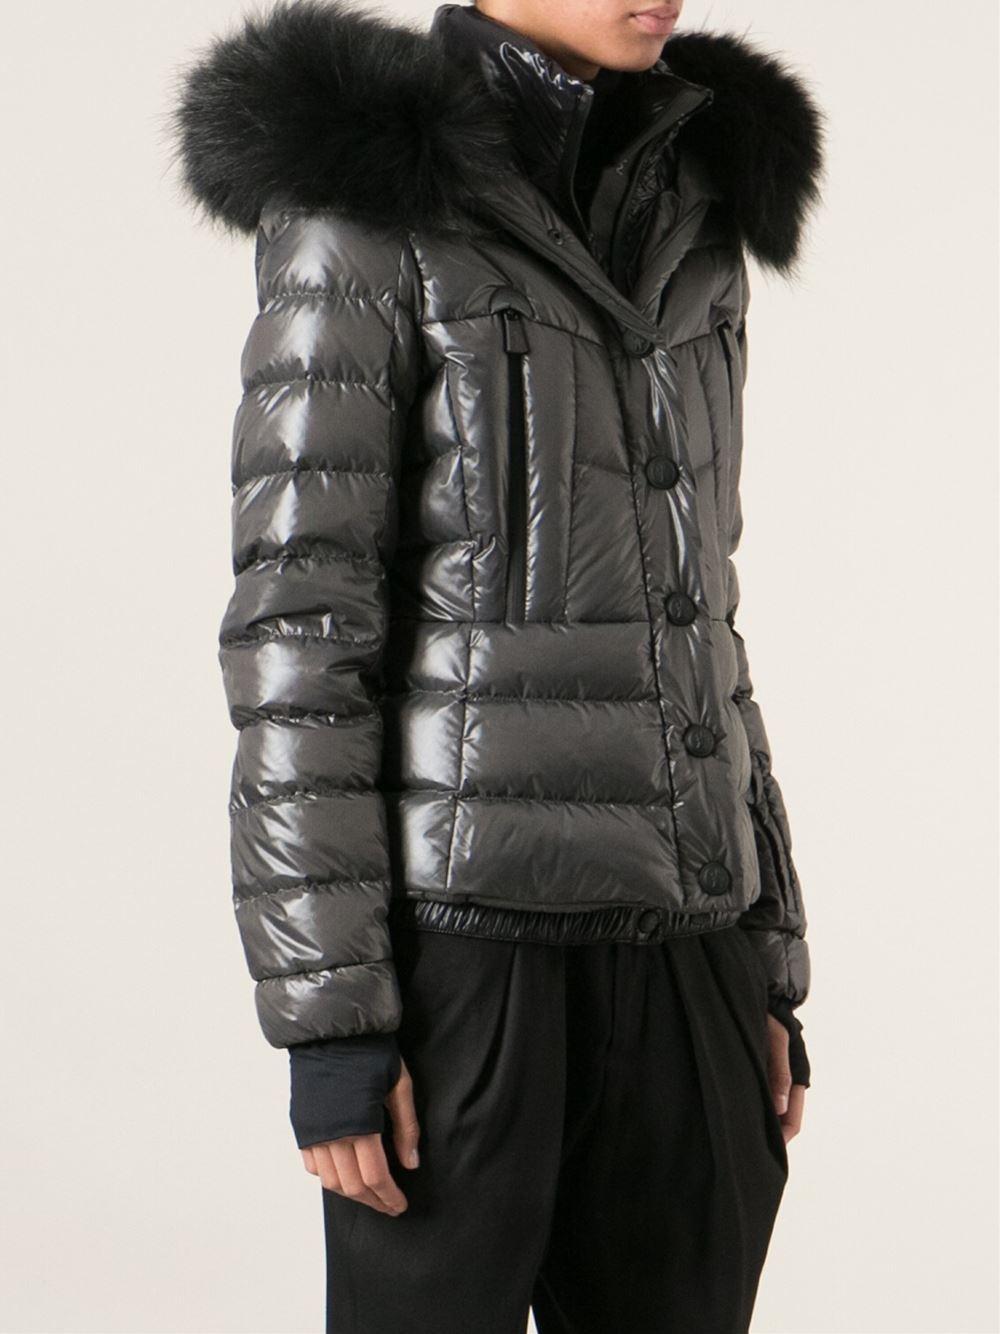 3 Moncler Grenoble Bever Detachable Racoon Fur Trim